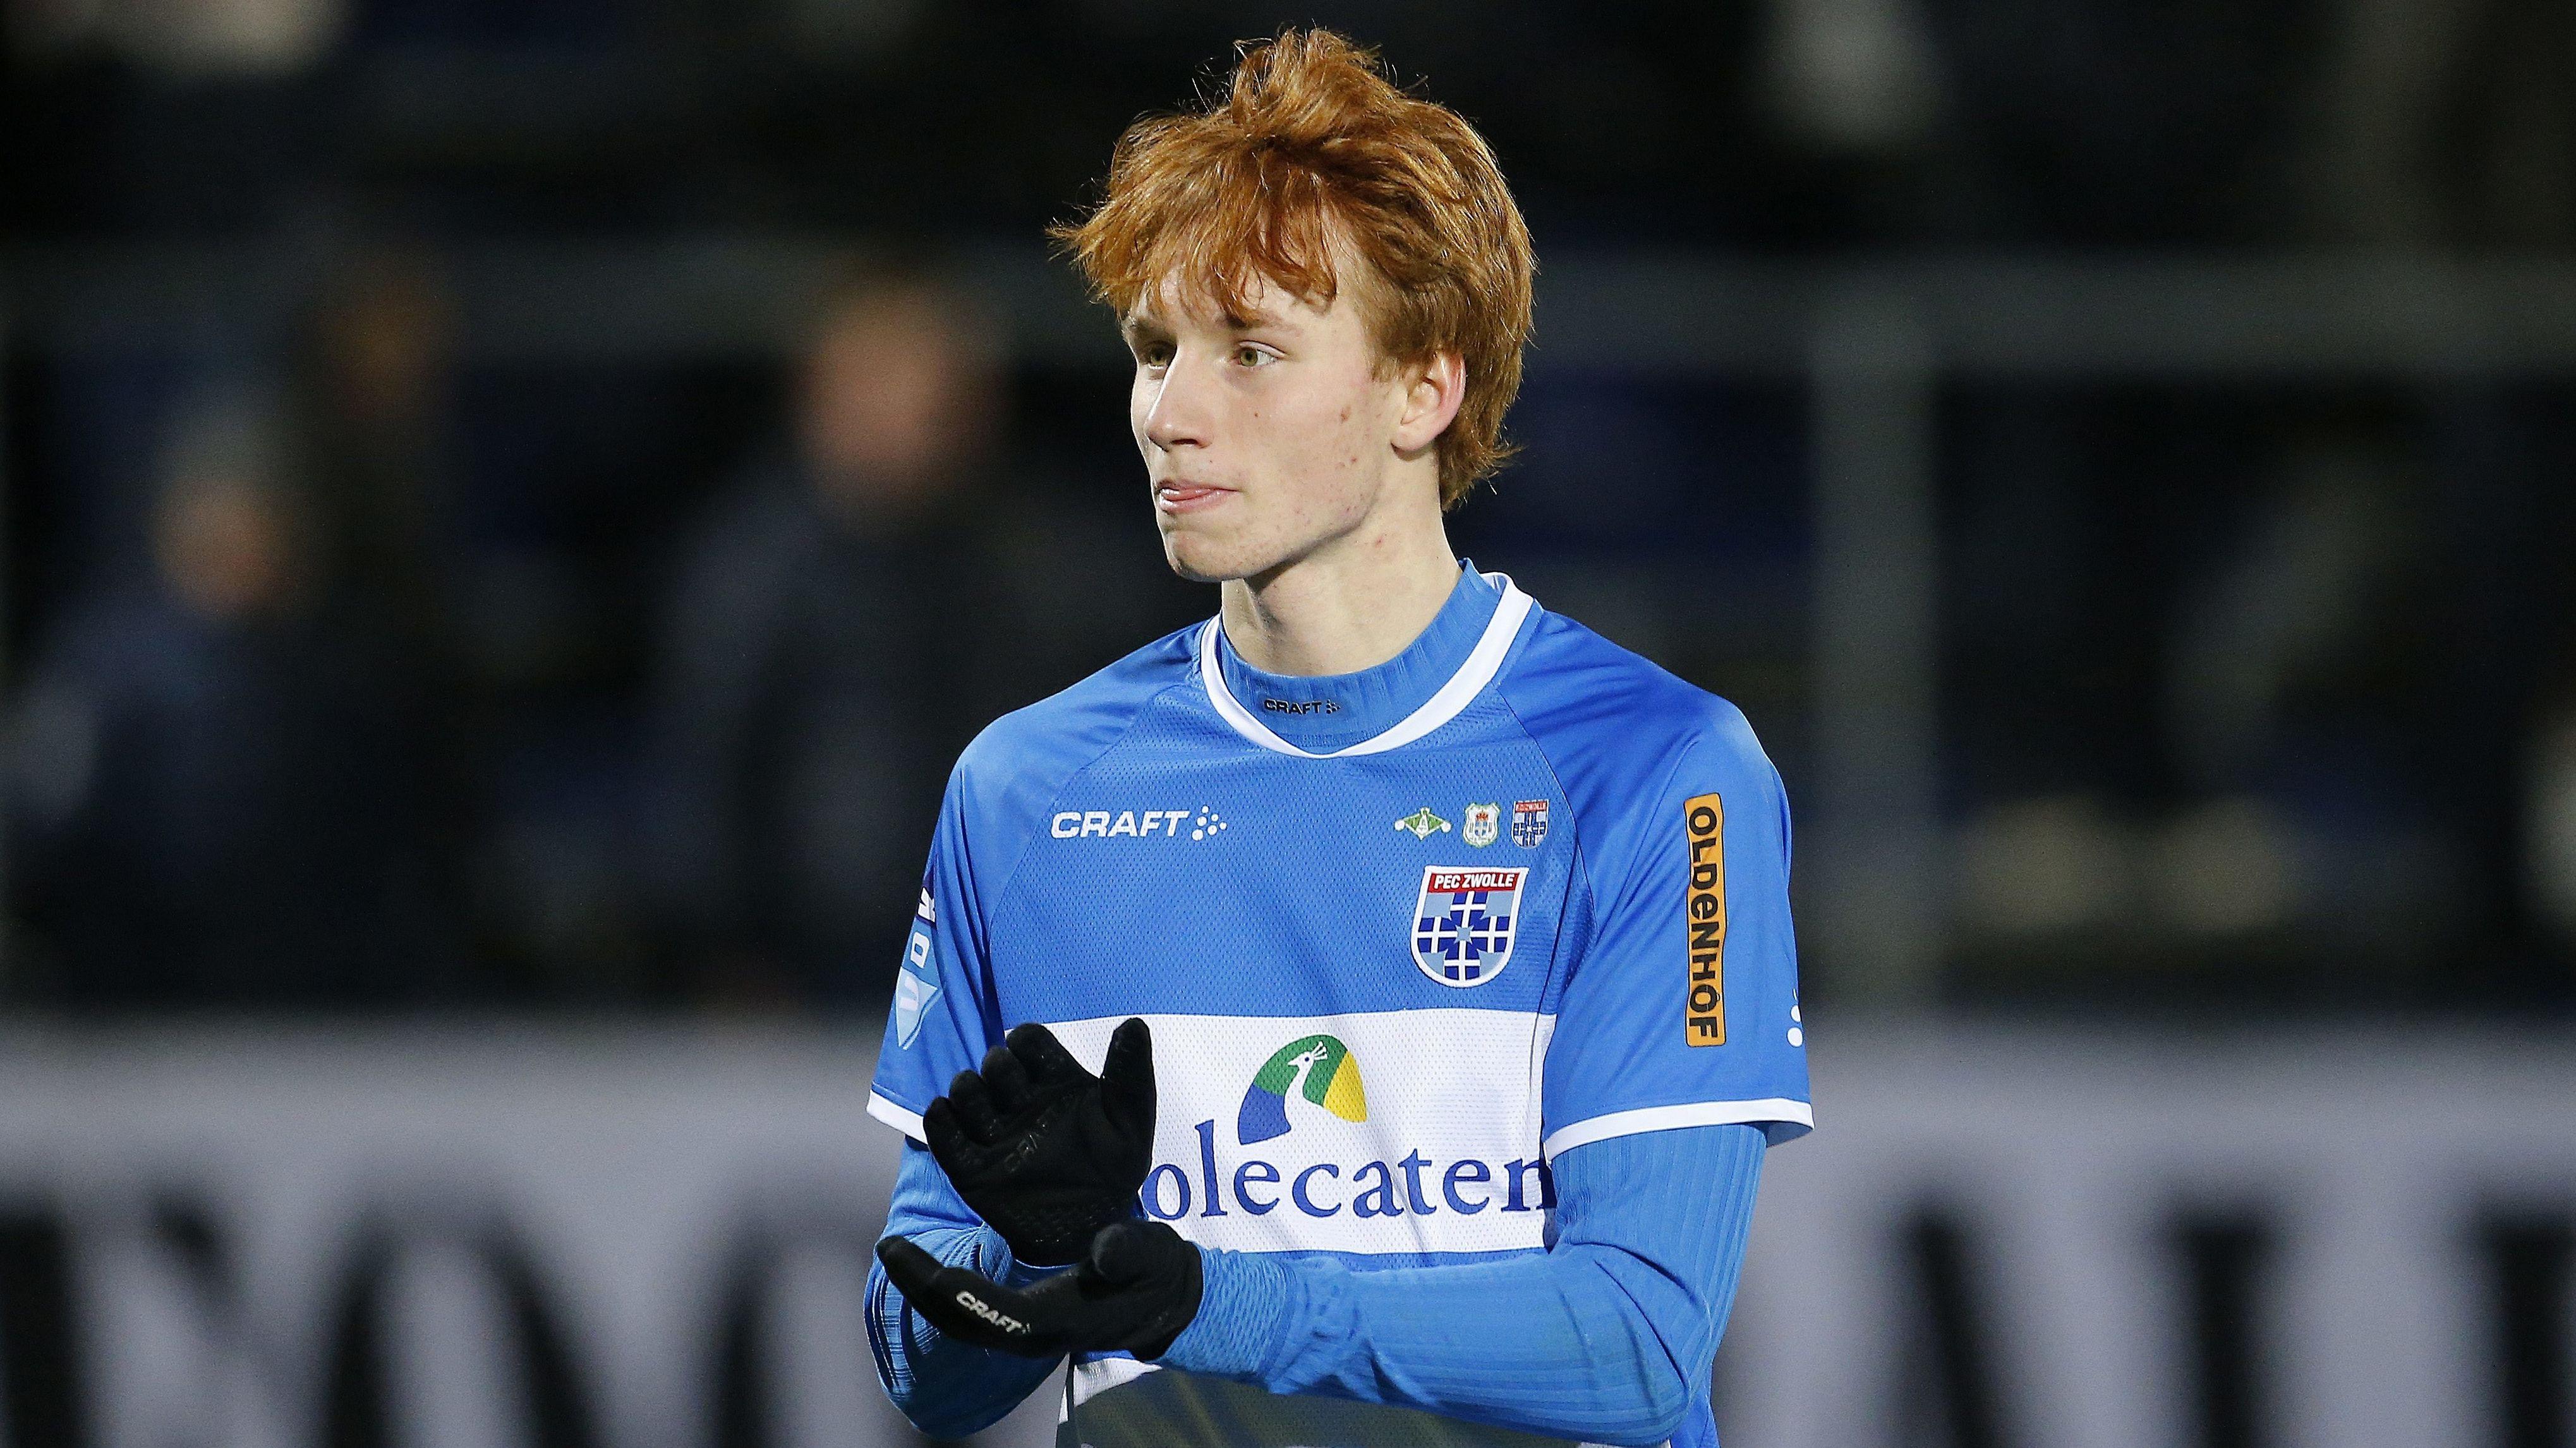 Das Niederlände Toptalent, der 17-Jährige Sepp van den Berg, wechselt für 1,5 Millionen Euro zum FC Liverpool.